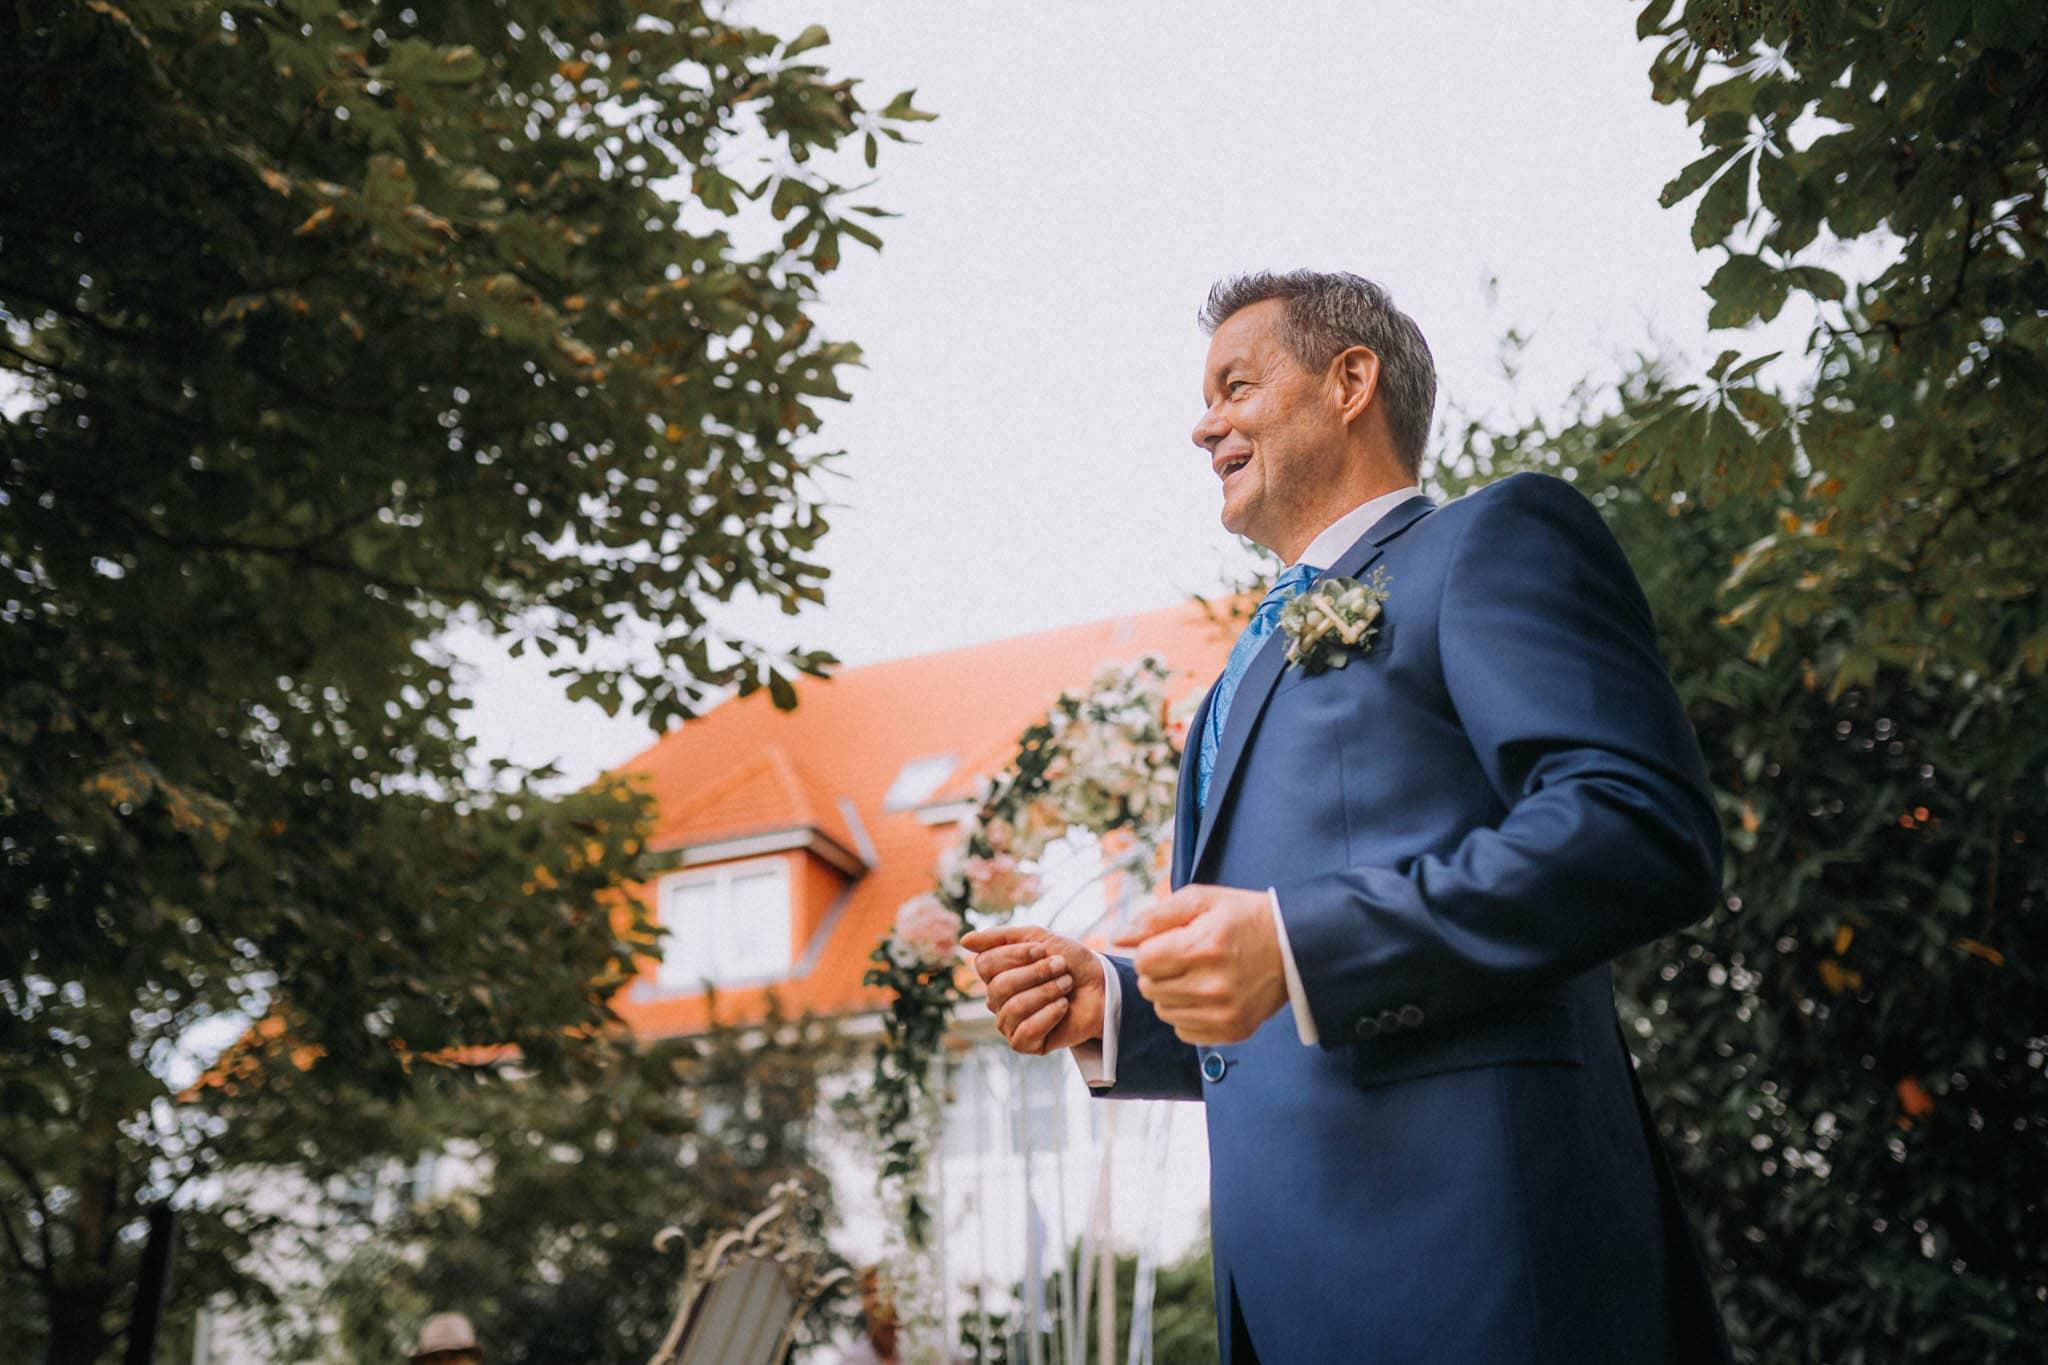 Hochzeitsfieber by Photo-Schomburg, Hochzeitsfotograf, Hamburg,Hochzeitstag, Hochzeitspaar, Braut, Bräutigam, Kaltenkirchen-48